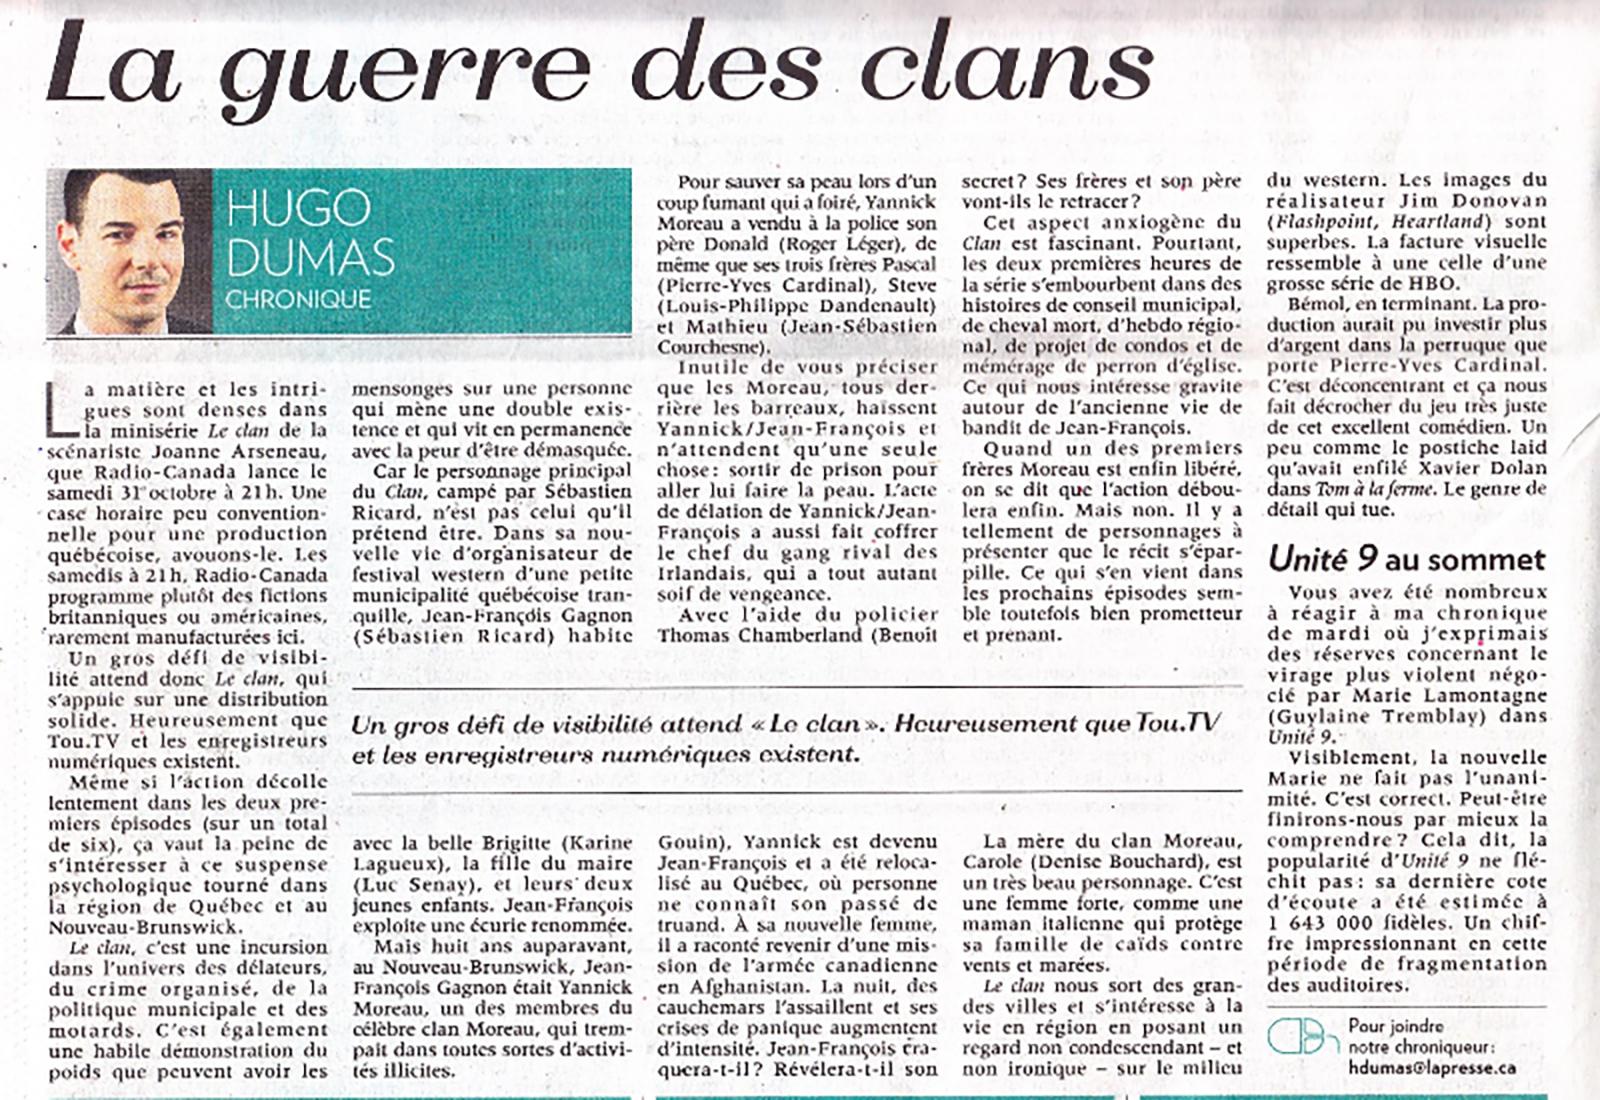 La Presse - La guerre des clans 2015-10-22